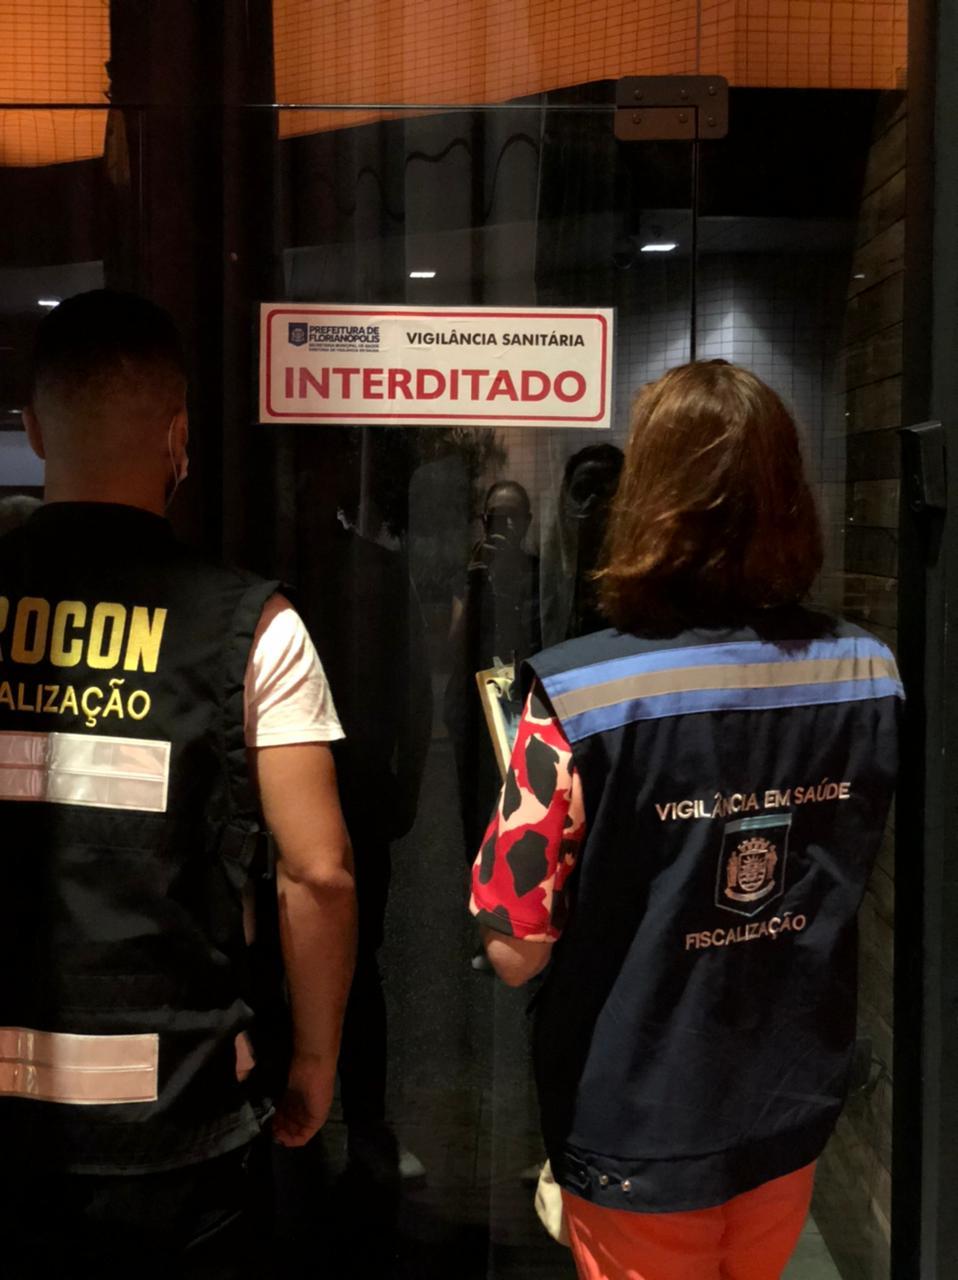 Ação contra à COVID-19: Prefeitura de Florianópolis interdita restaurantes, casa noturna no Centro, e multa dois bares neste sábado